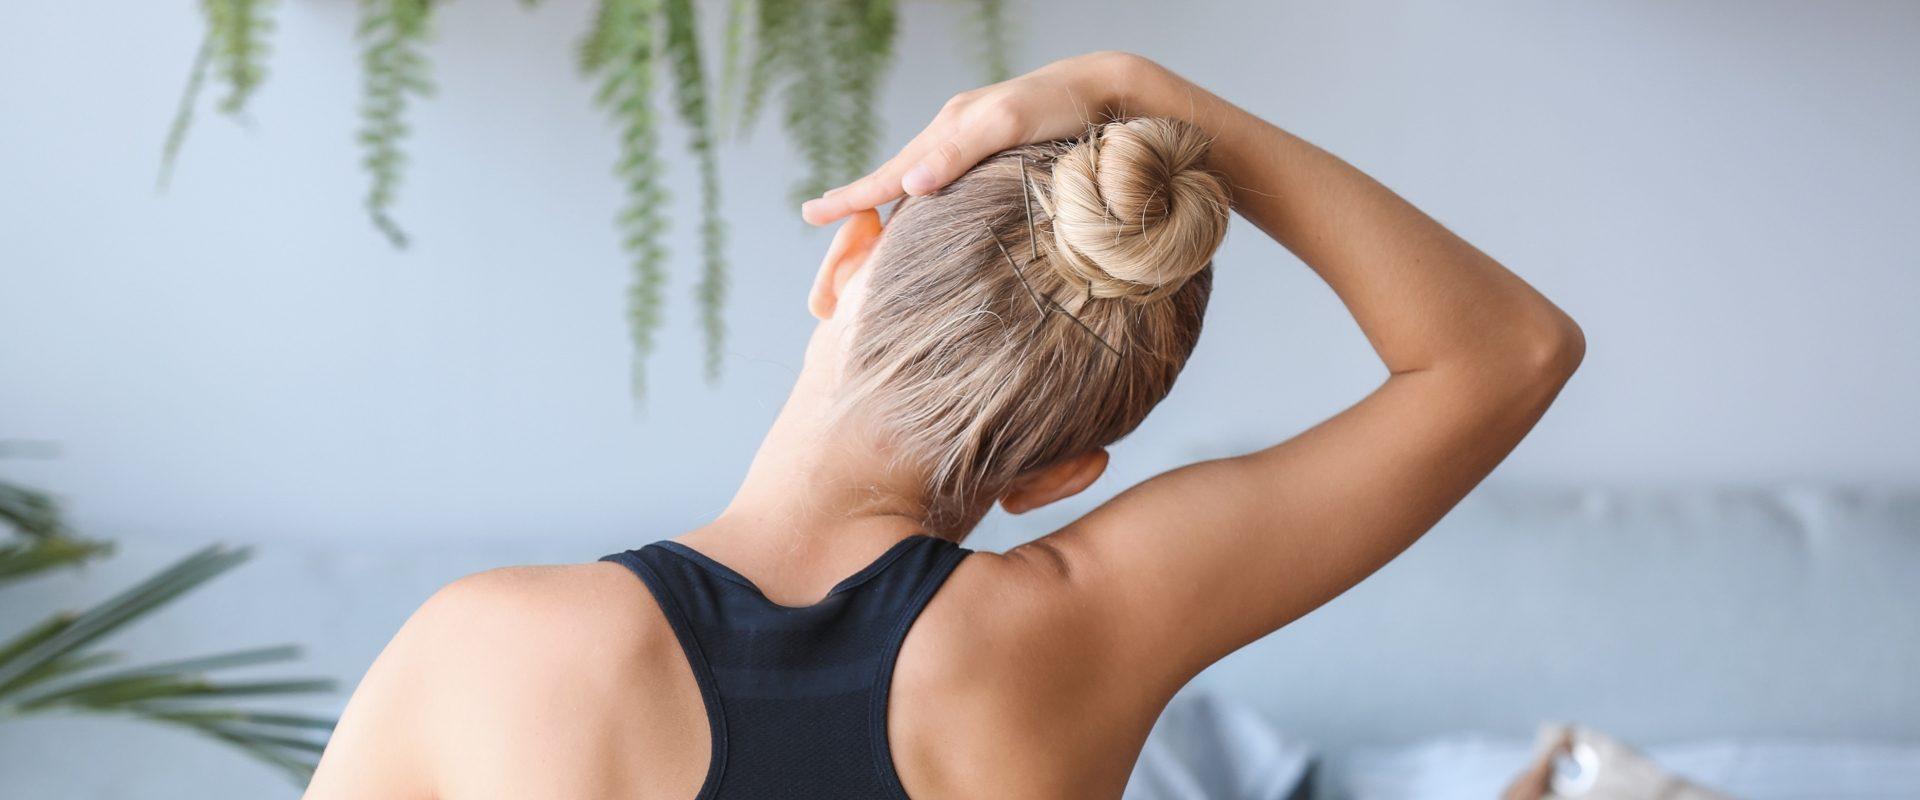 Ćwiczenia na kręgosłup szyjny. Kobieta w czarnym topie z włosami związanymi w kok siedzi zwrócona tyłem do aparatu i rozciąga szyję.